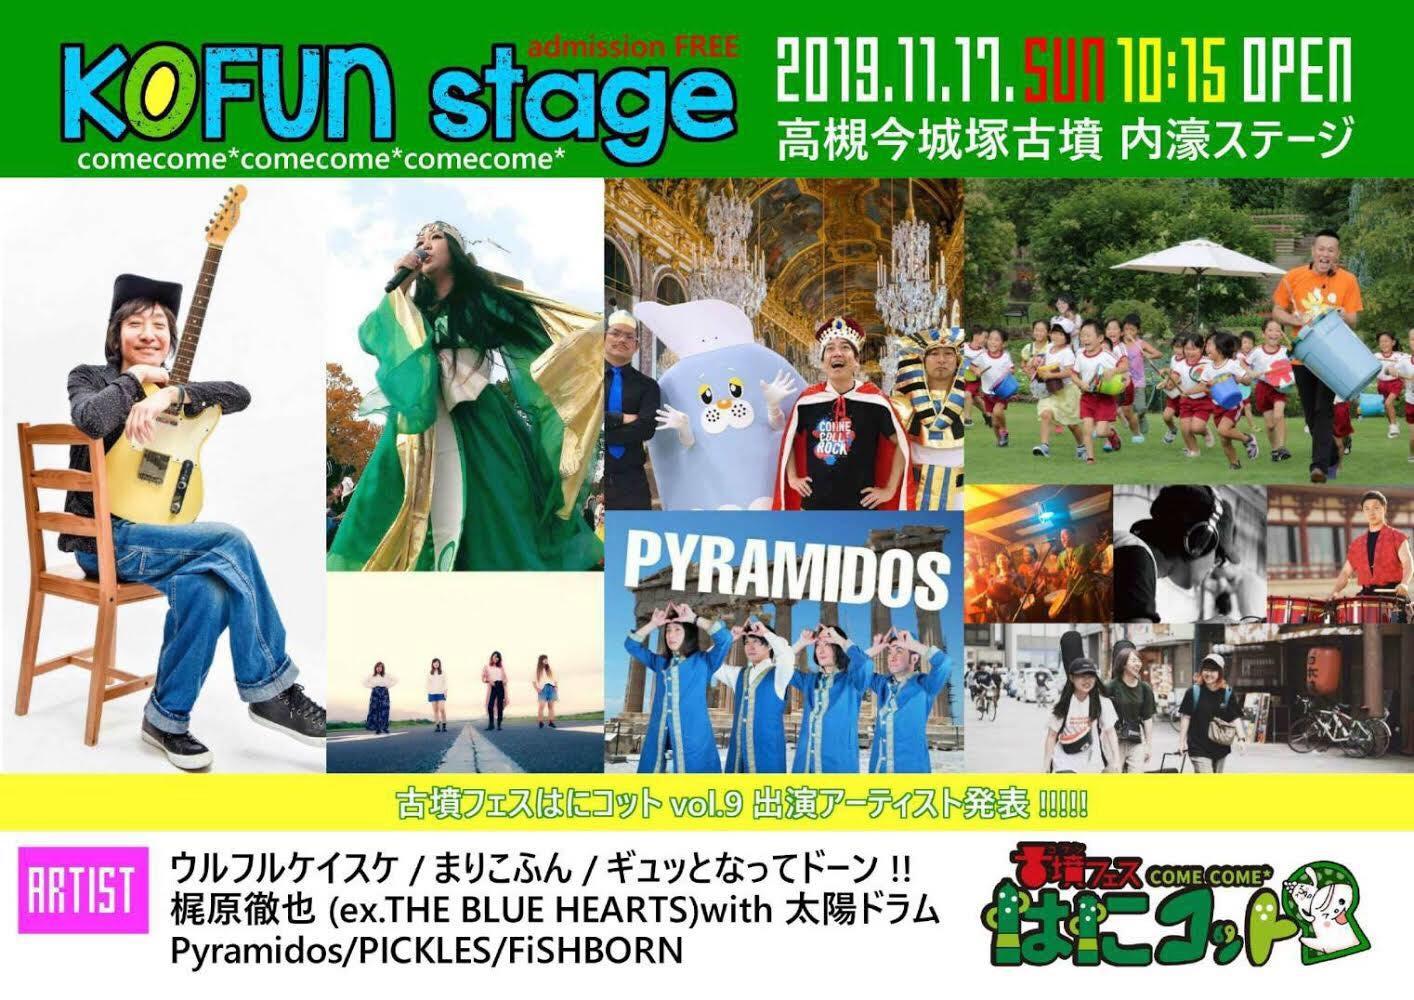 【まりこふんライブ出演】come come* はにコット vol.9(11月17日)/大阪